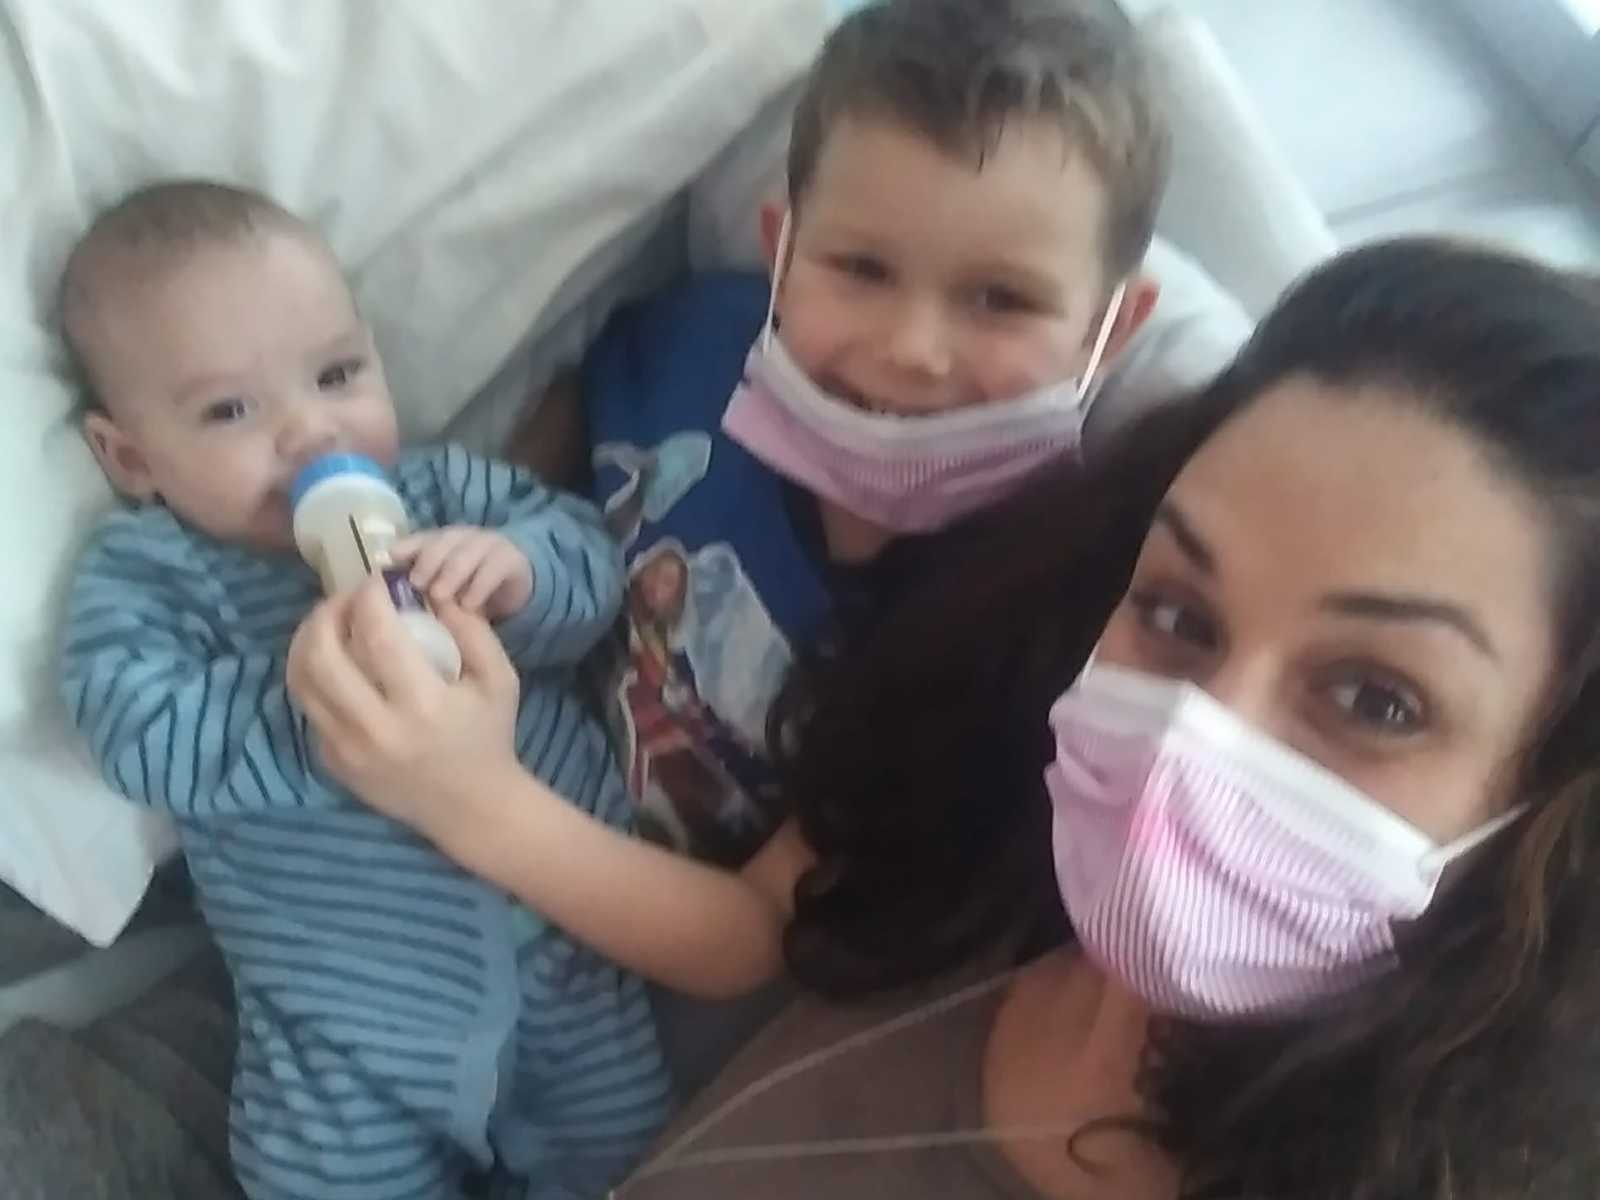 Nos EUA, garotinho de 4 anos faz questão de doar medula óssea para irmãos gêmeos bebês 4